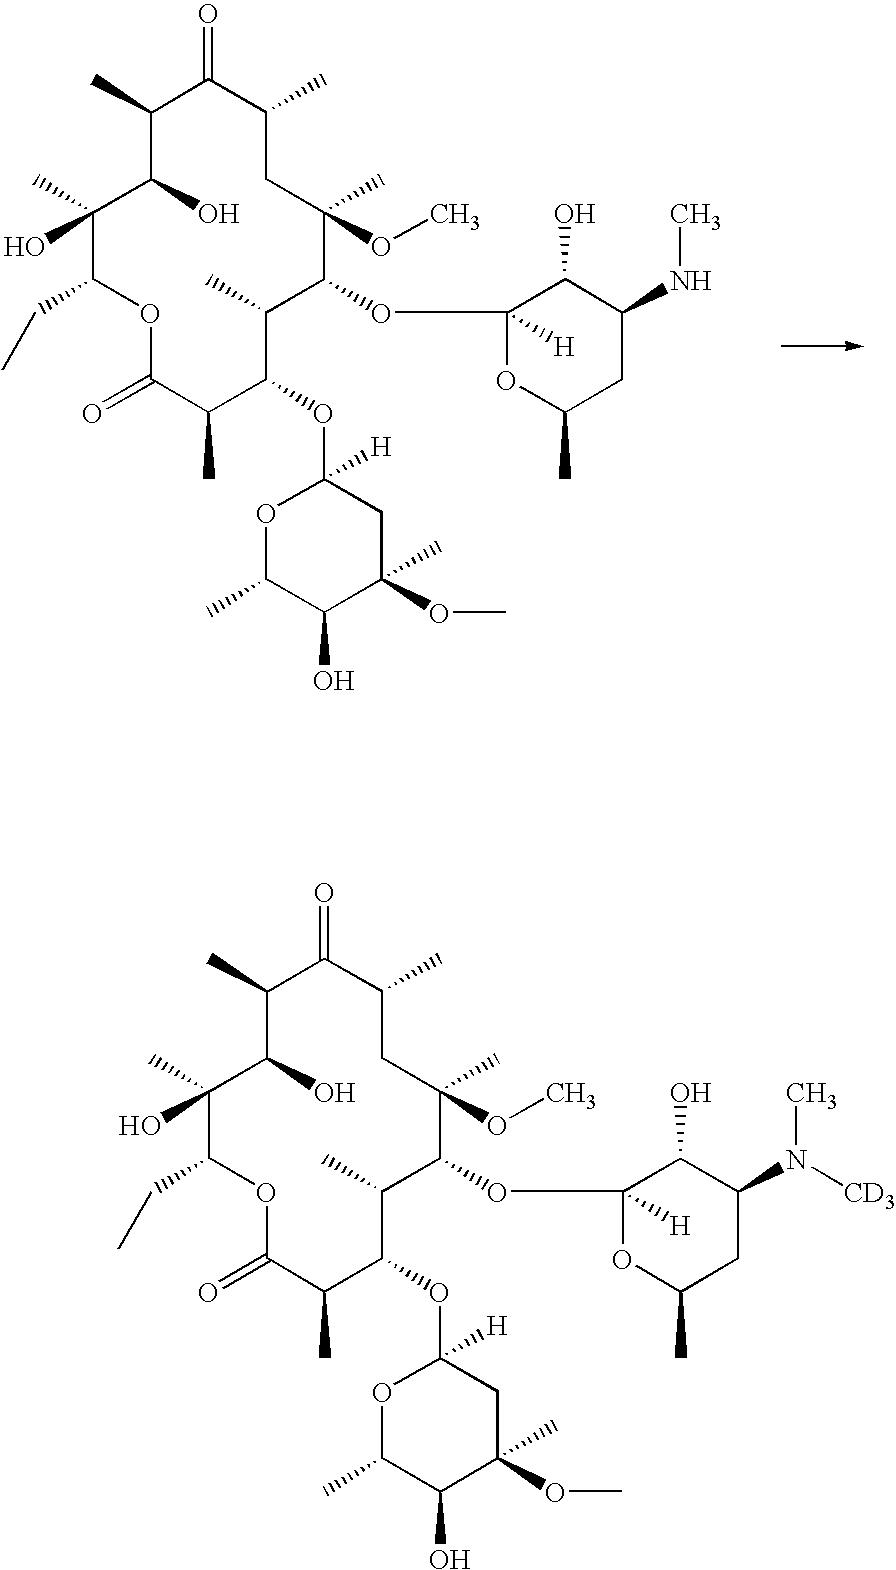 Figure US20070281894A1-20071206-C00041